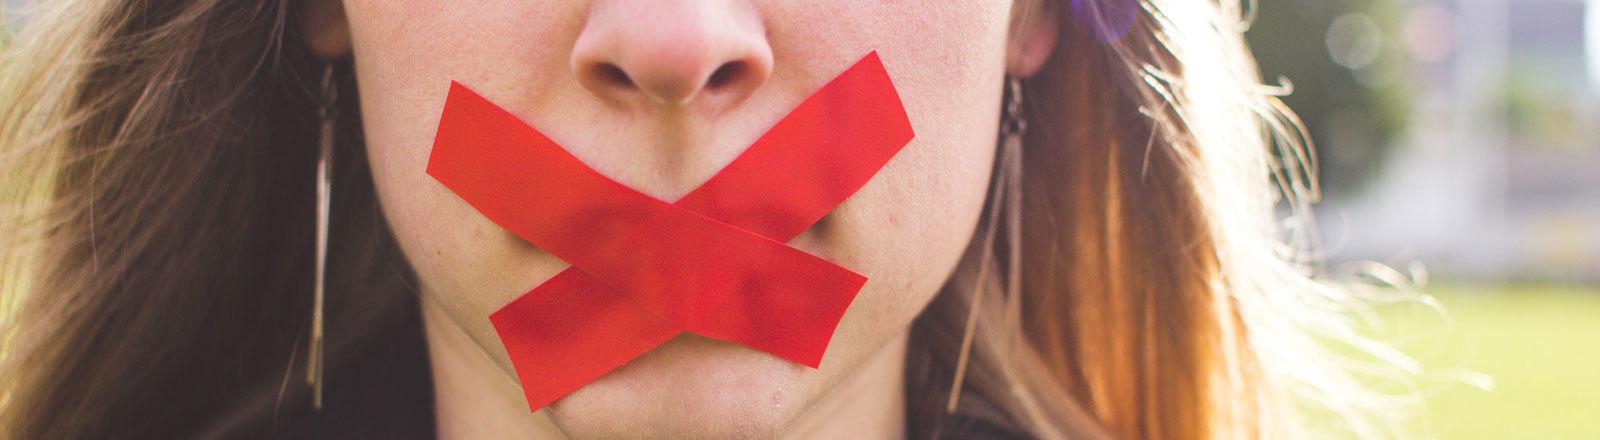 Frau hat vor dem verschlossenen Mund eine rotes Kreuz aus Pflastern.